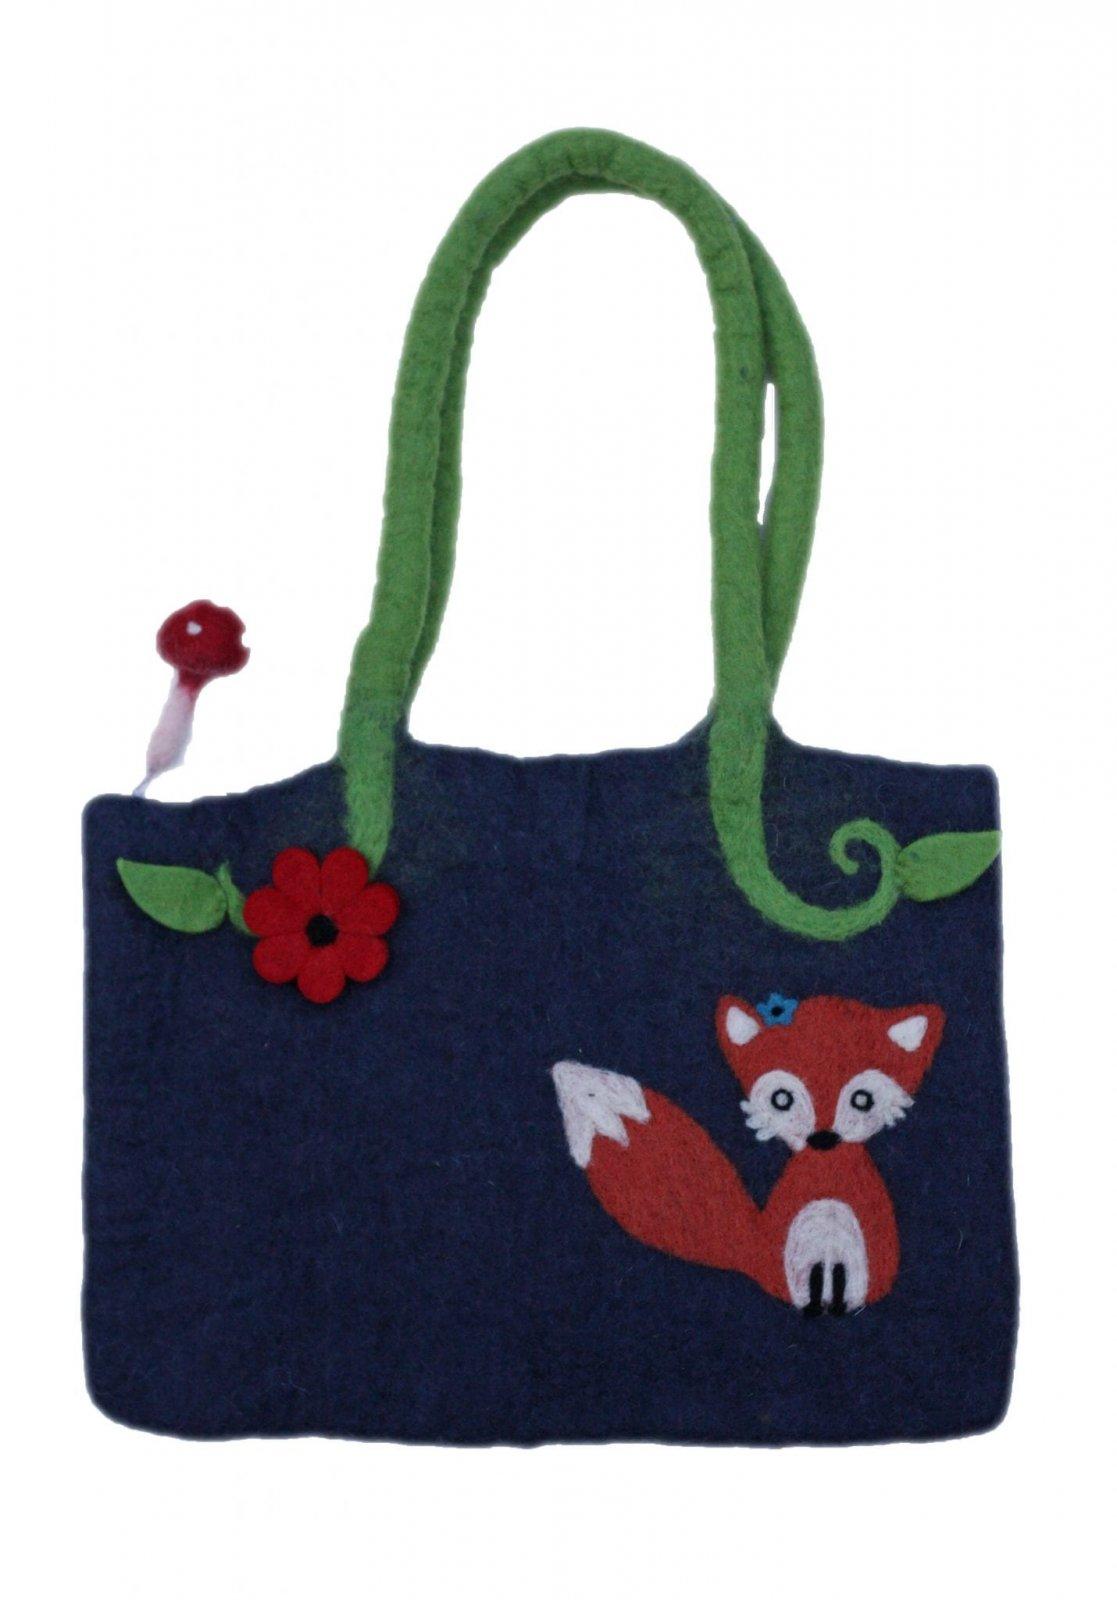 Frabjous Fibers Felted Knitting Bag - Fox